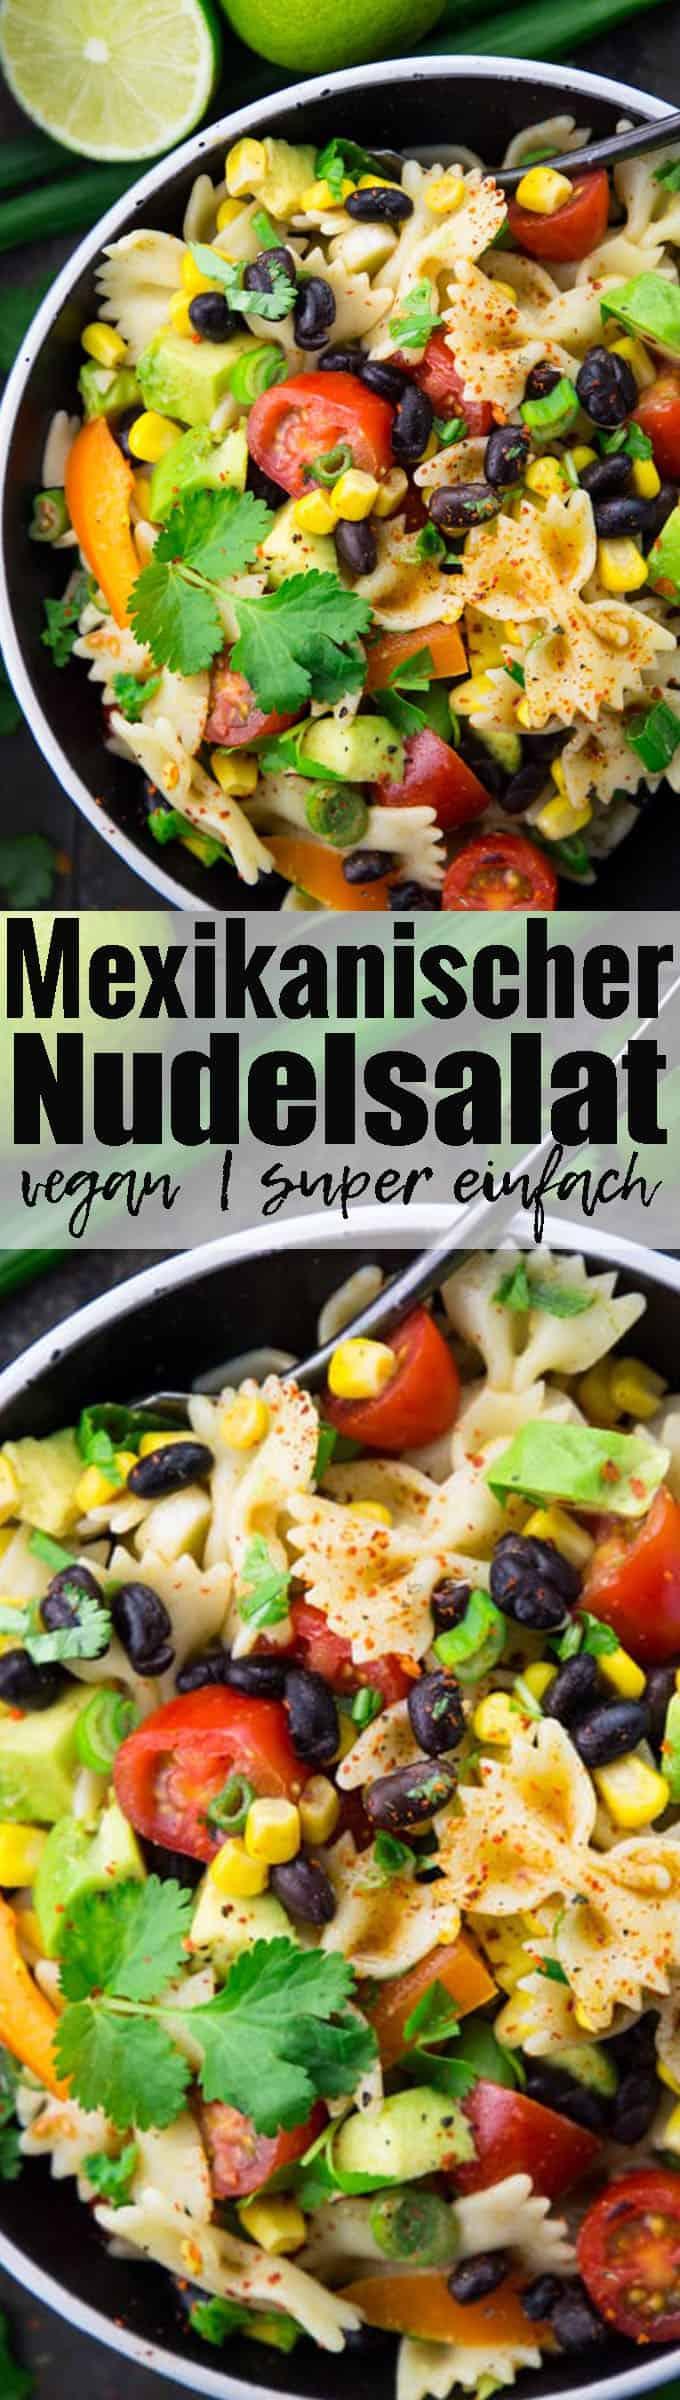 Dieser Nudelsalat mit schwarzen Bohnen, Avocado und Mais ist eines meiner Lieblingsrezepte. Mexikanische Rezepte gehen einfach immer!! Mehr vegetarische Rezepte und vegane Rezepte findet ihr auf veganheaven.de <3